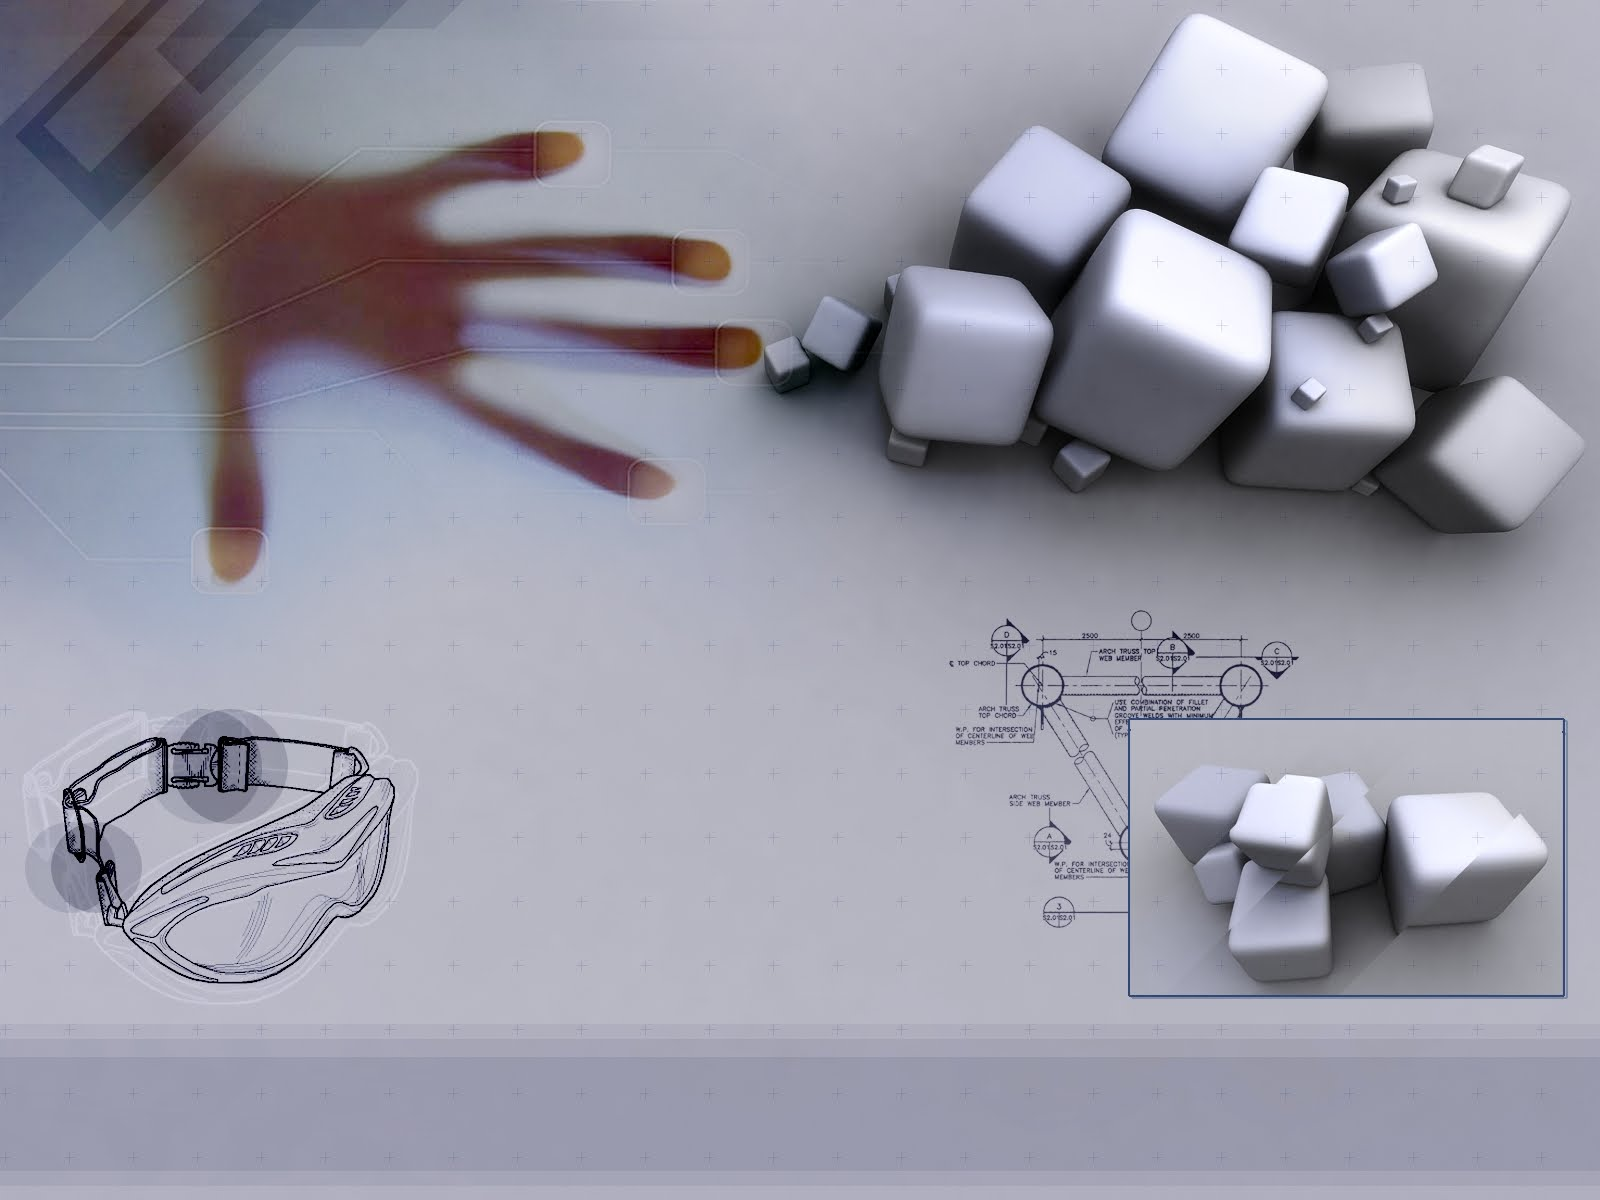 http://4.bp.blogspot.com/_bQ0SqifjNcg/THikqlCLwlI/AAAAAAAAbyk/_l0d3JCim2Y/s1600/cube-symbols-wallpaper.jpg